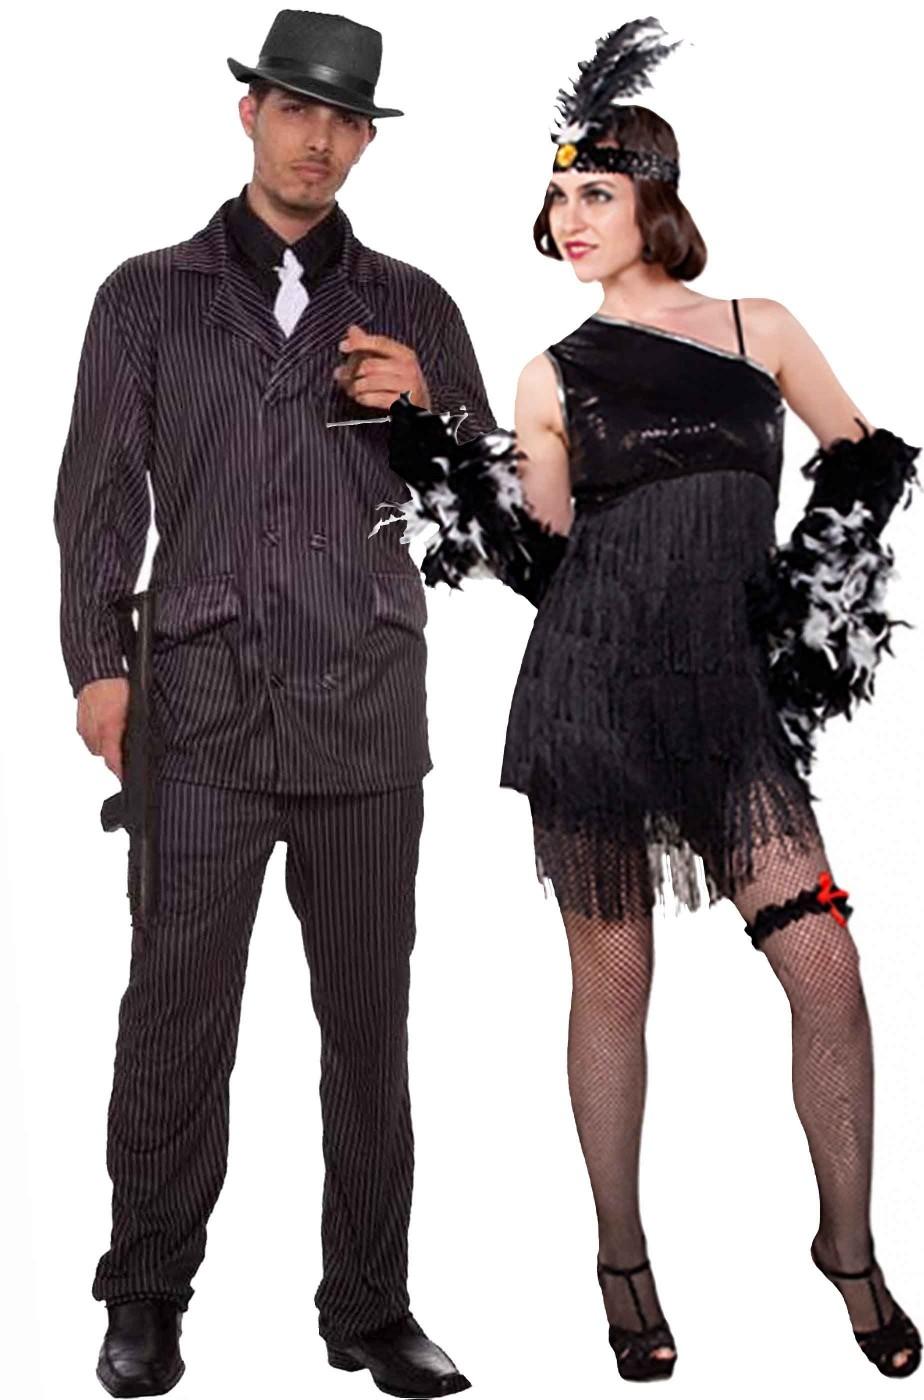 nuovo arriva in uso durevole Sito ufficiale Coppia di costumi adulto Anni 20 Charleston gangster economici